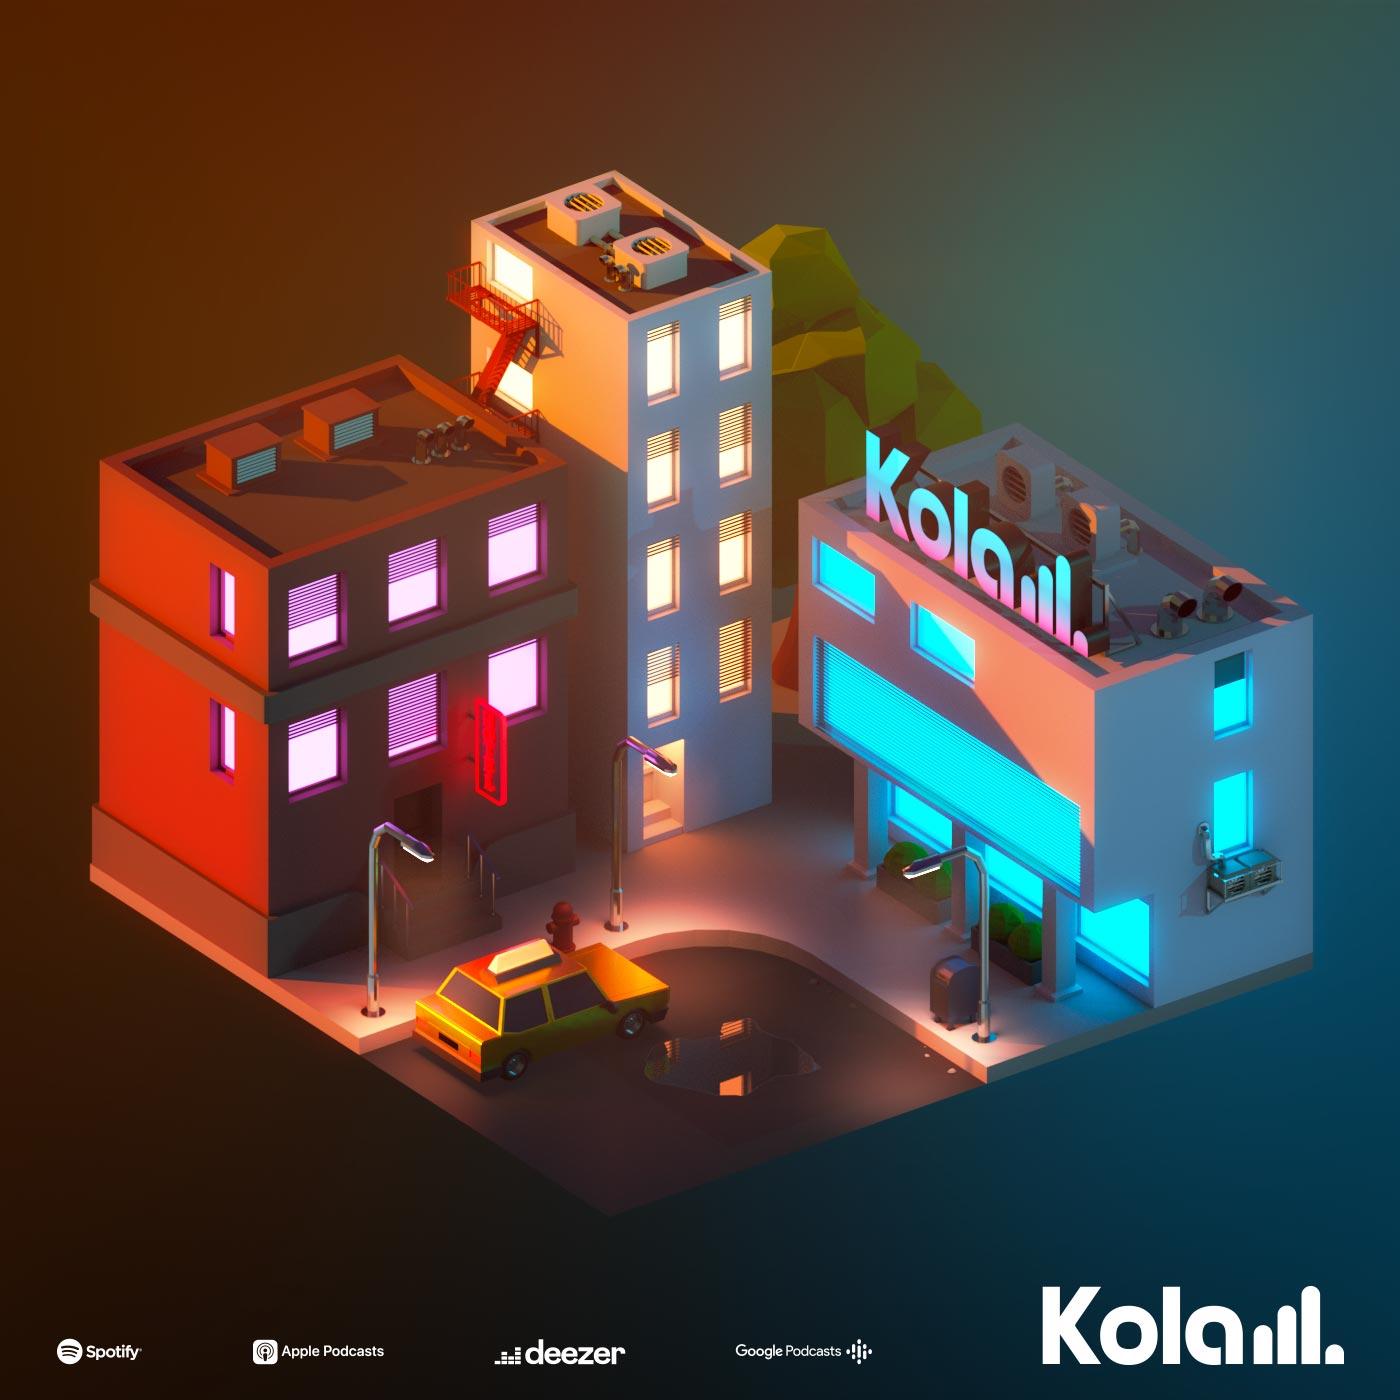 Studio Kola